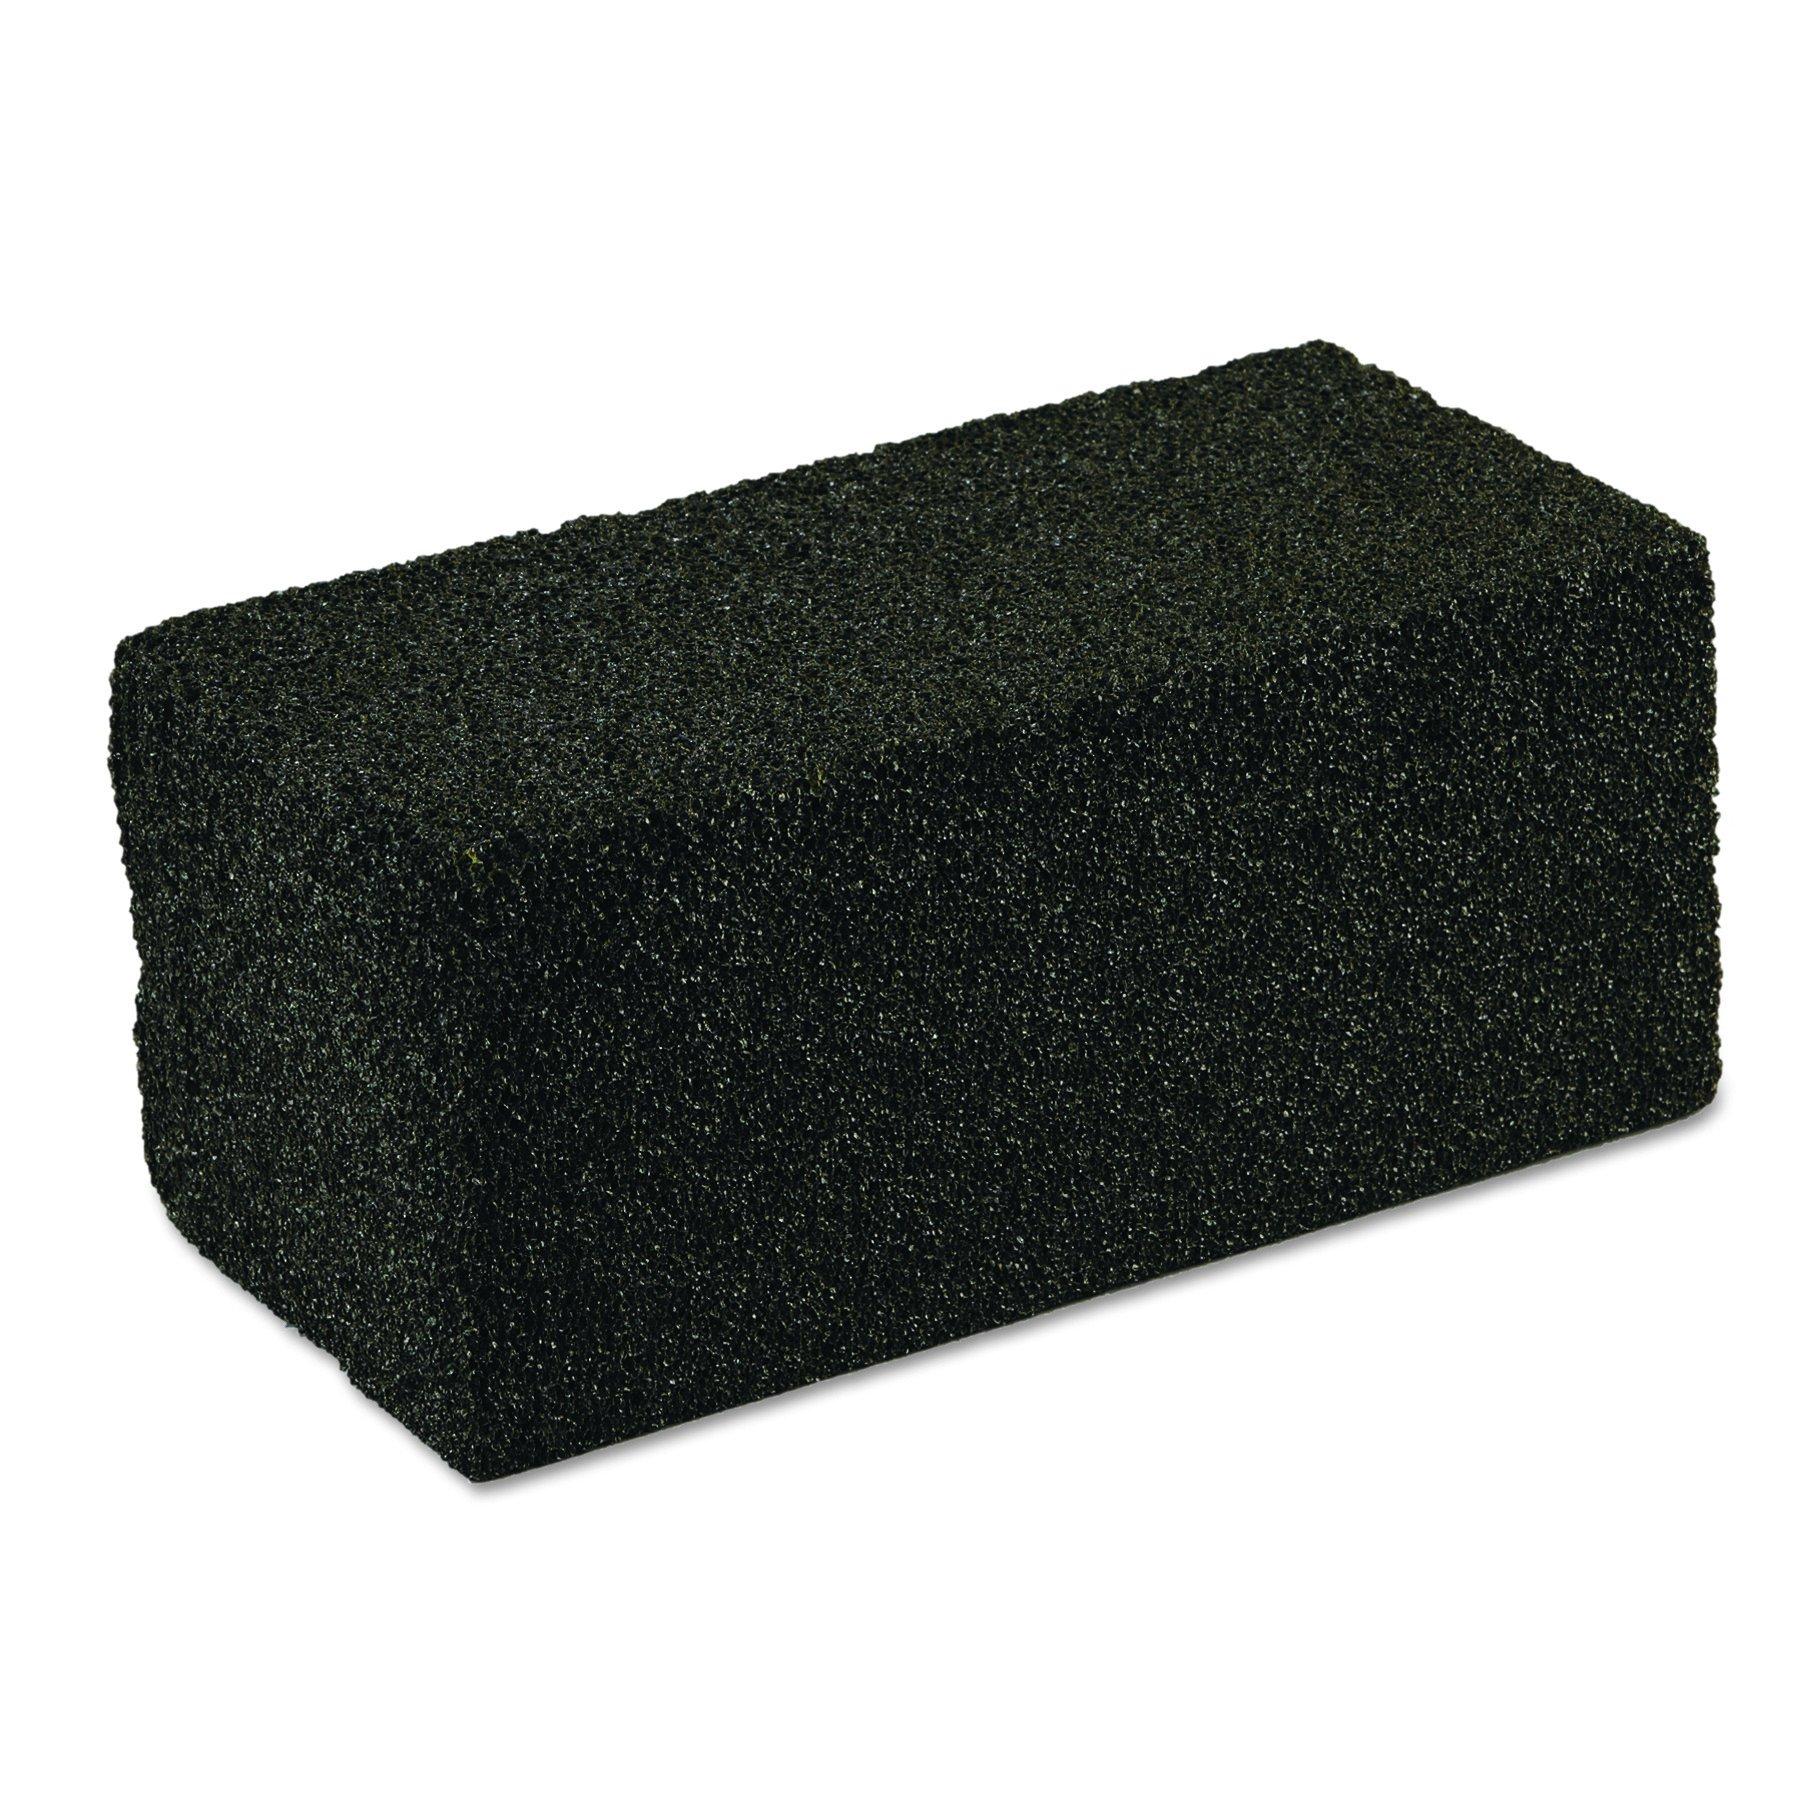 Scotch-Brite PROFESSIONAL 15238 Grill Cleaner, Grill Brick, 4 x 8 x 3 1/2, Black (Case of 12)